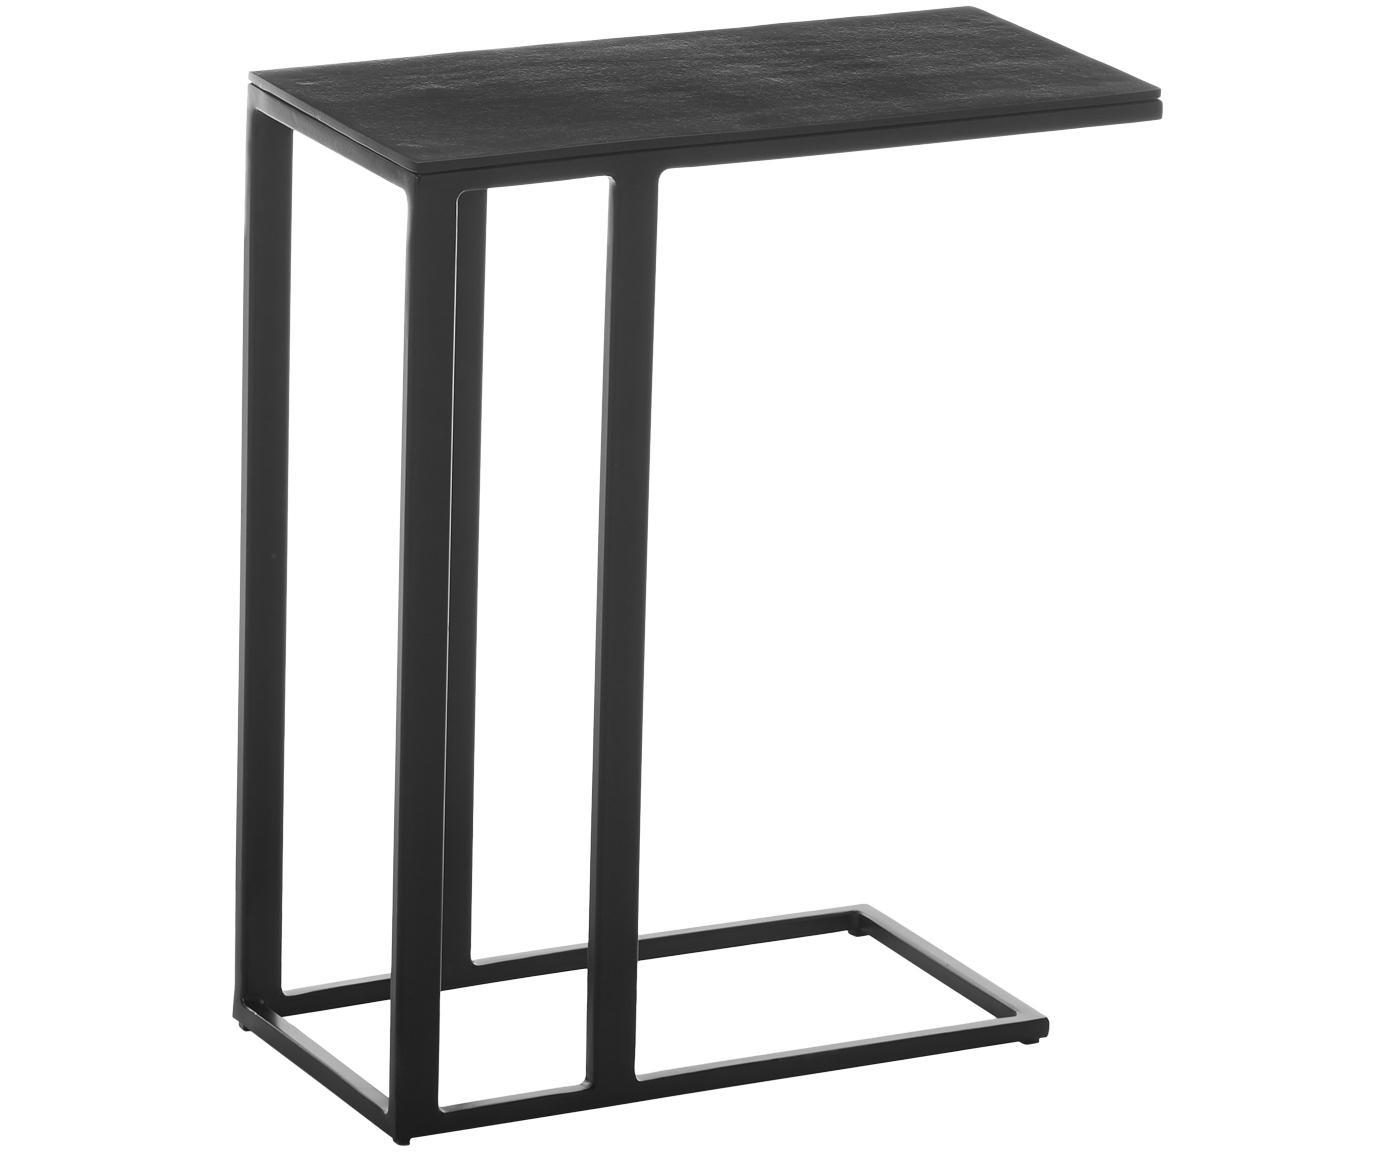 Bijzettafel Edge in industrieel ontwerp, Tafelblad: gecoat aluminium, Frame: gepoedercoat metaal, Tafelblad: zwart. Frame: mat zwart, B 43 cm